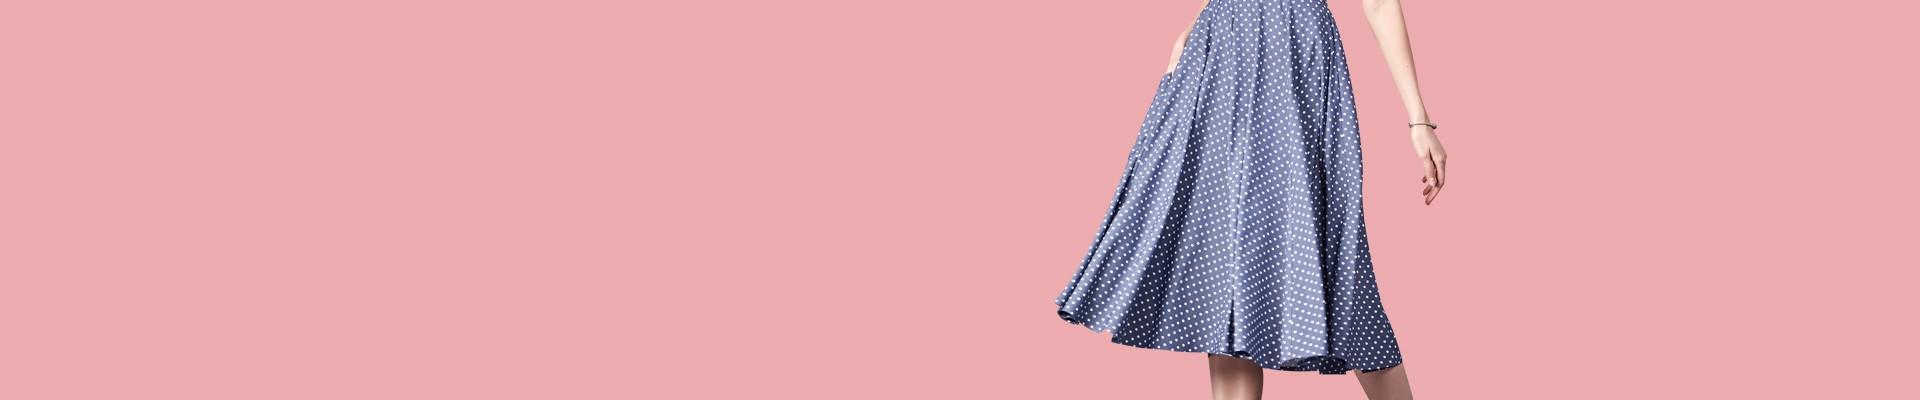 Jual Rok Wanita Online - Model Terbaru & Unik